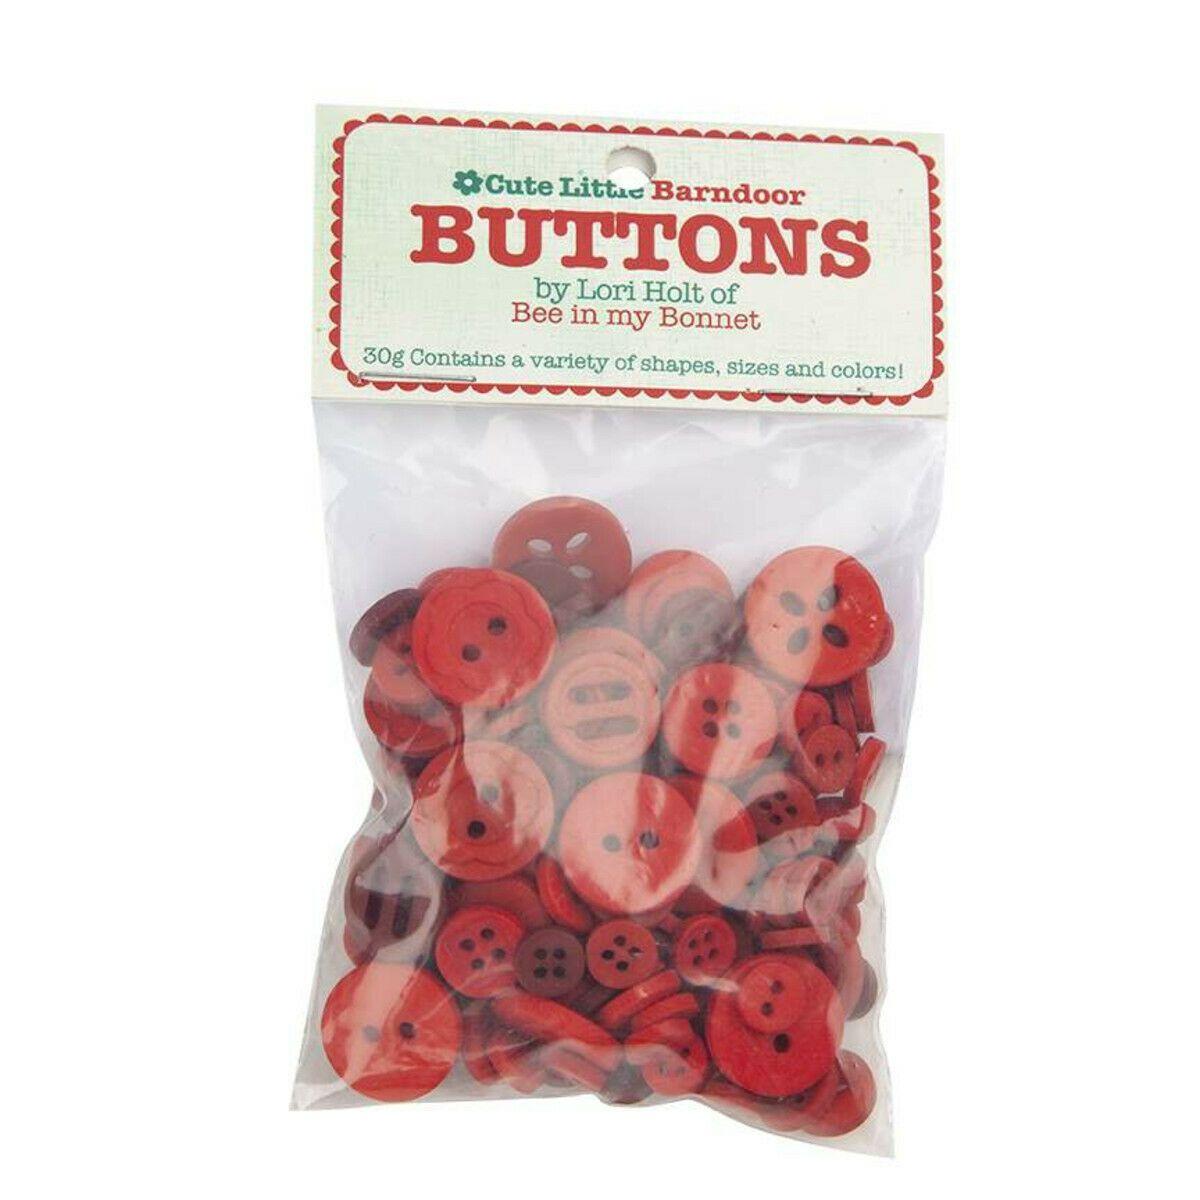 Cute Little Buttons Barndoor Assortment by Lori Holt